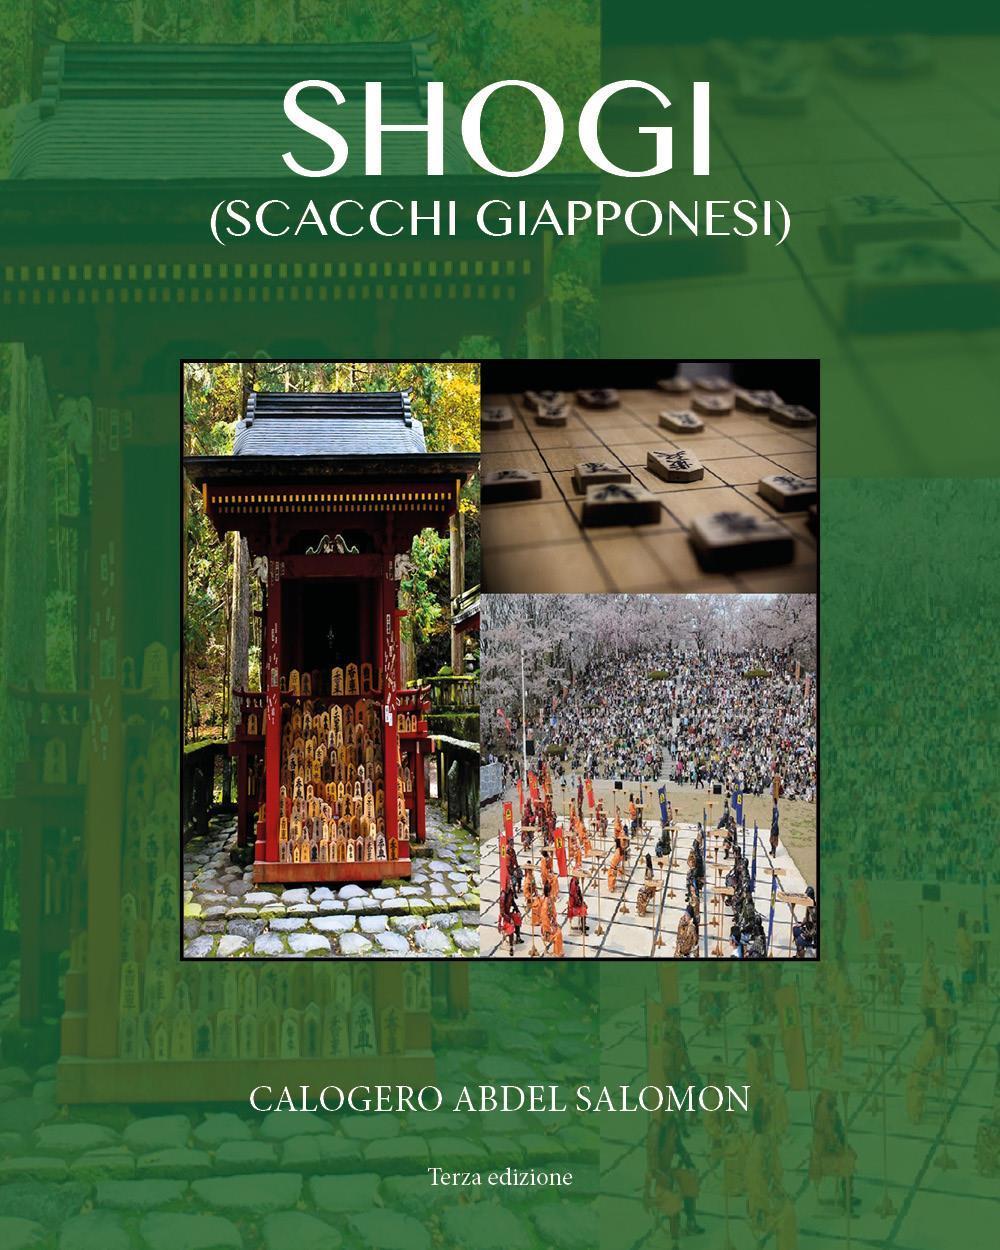 Shogi (scacchi giapponesi) - Terza edizione